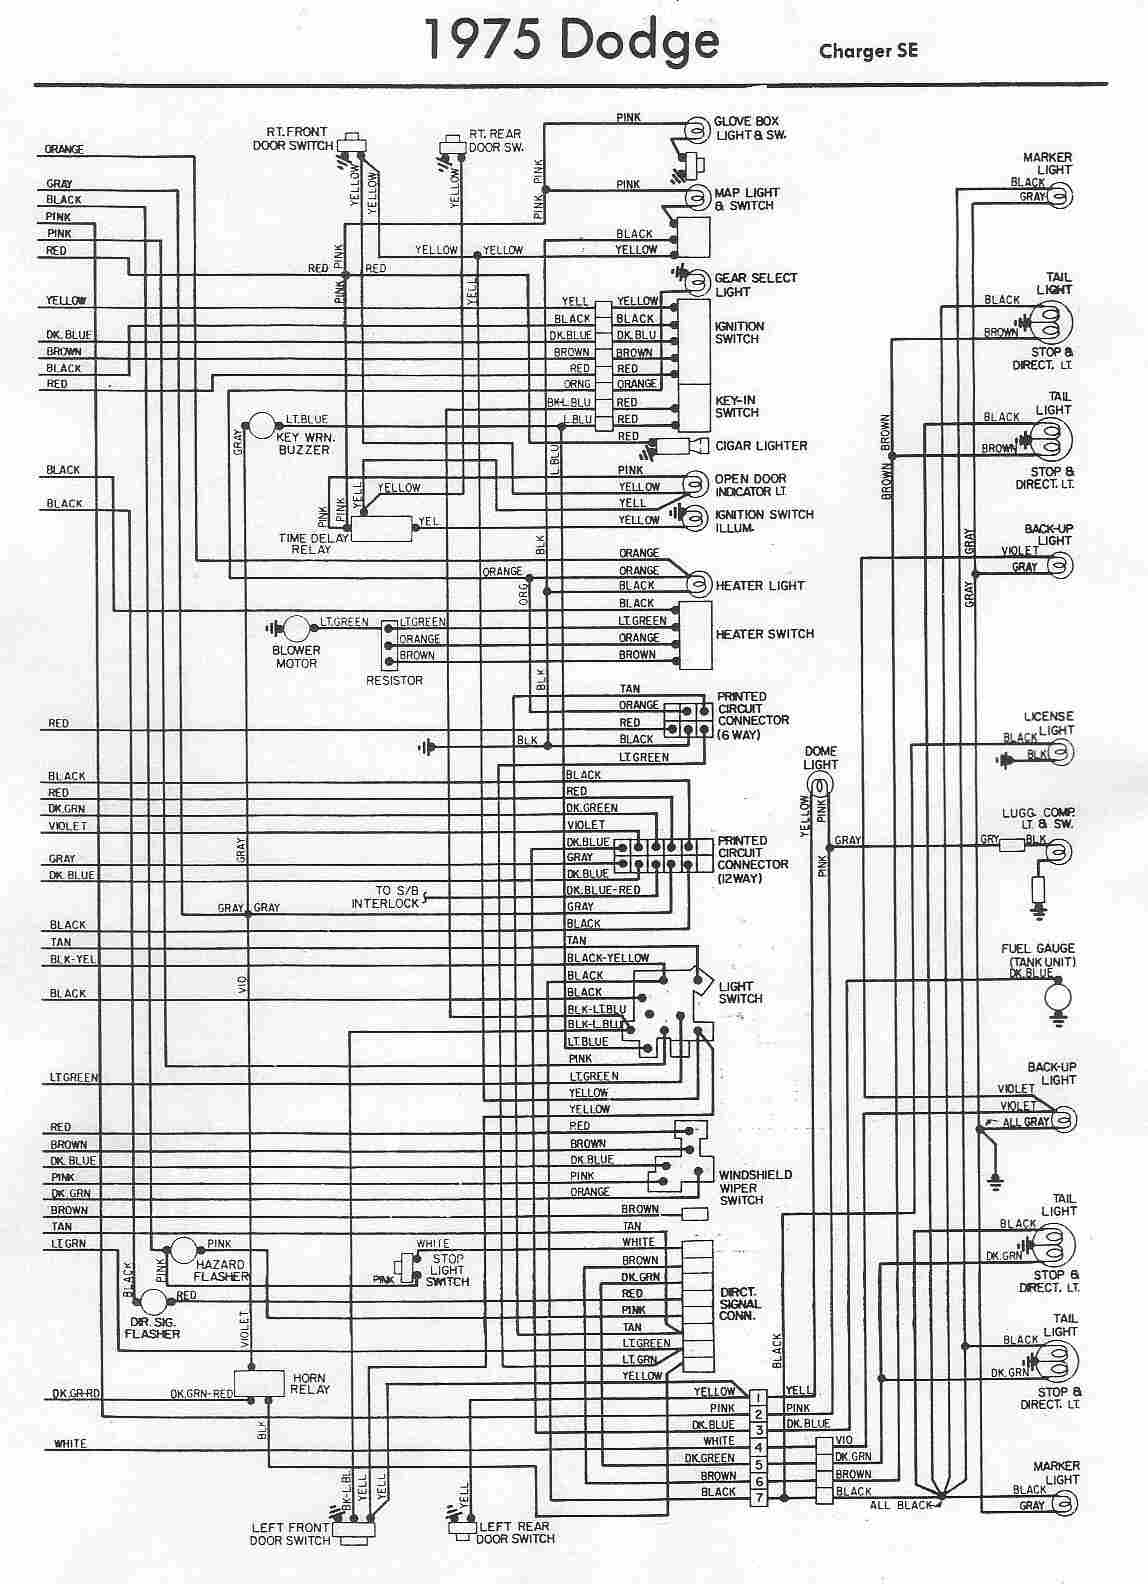 1969 triumph tympanium wiring diagram diagrams electrical cumputer wiring pdfklipcsh wiring diagrams post  diagrams electrical cumputer wiring